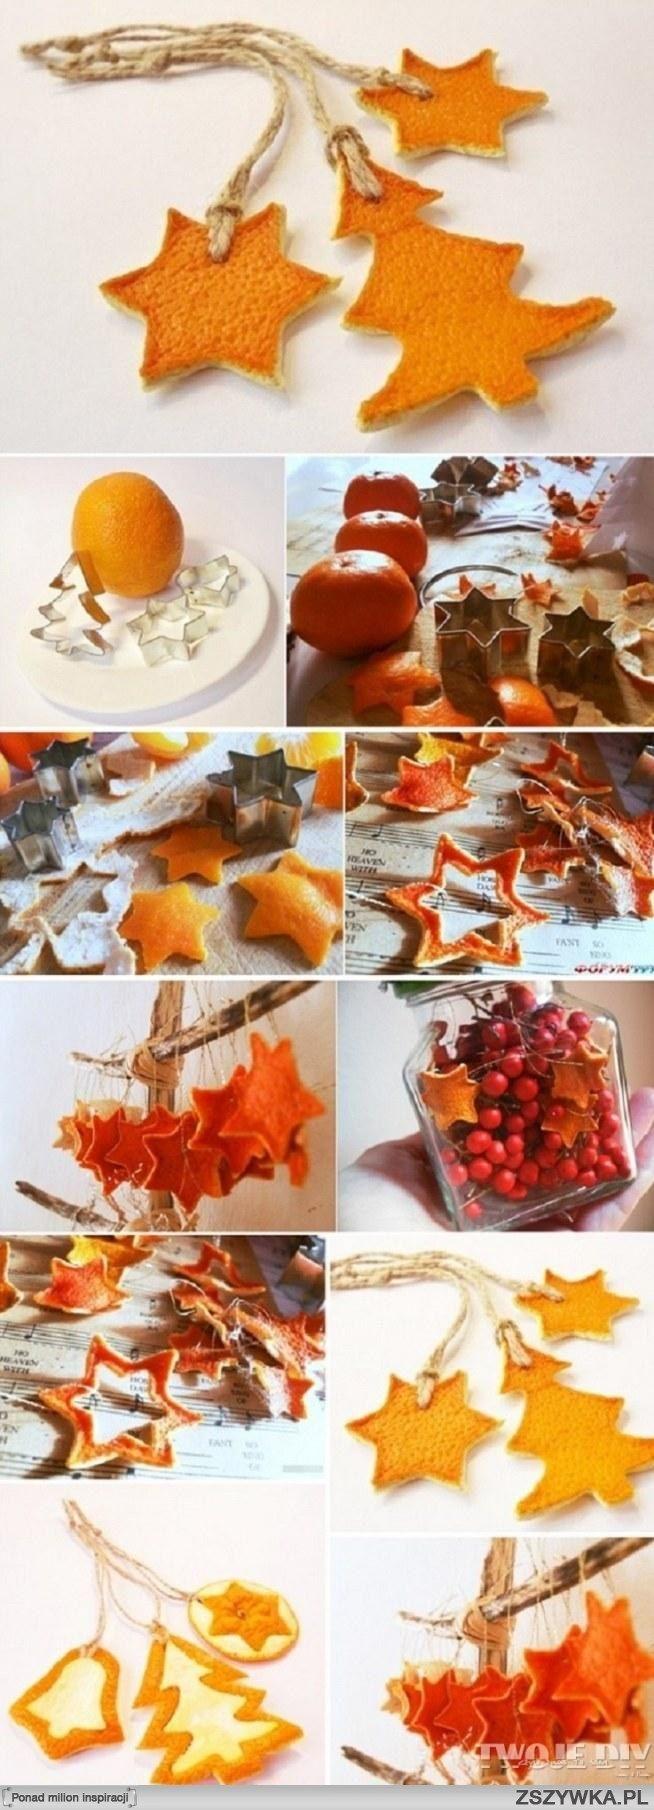 Zobacz zdjęcie wystarczy pomarańcza foremka i otrzymujemy ozdobę na święta oraz piękny zapach w domu :) w pełnej rozdzielczości